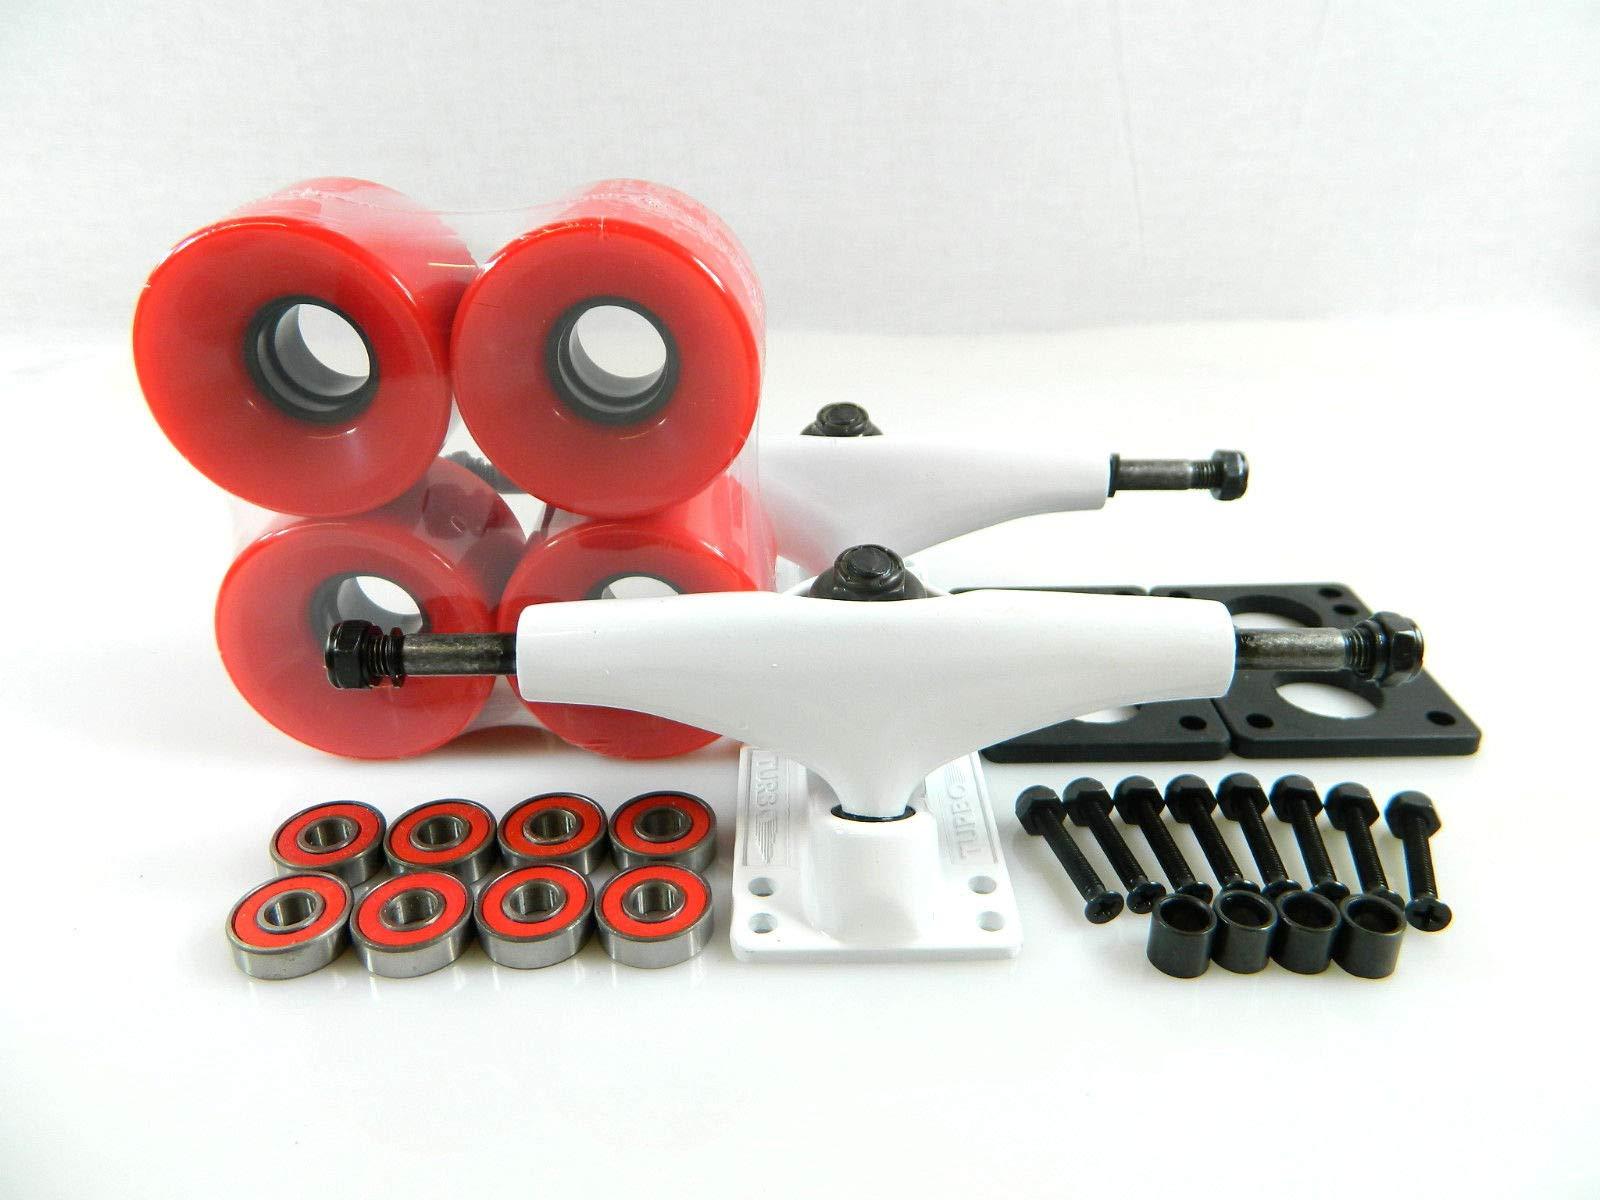 Red Turbo 5.0 Wht Skateboard Trucks + 60Mm Cruiser Wheels + Abec7 Bearings Riser Pad